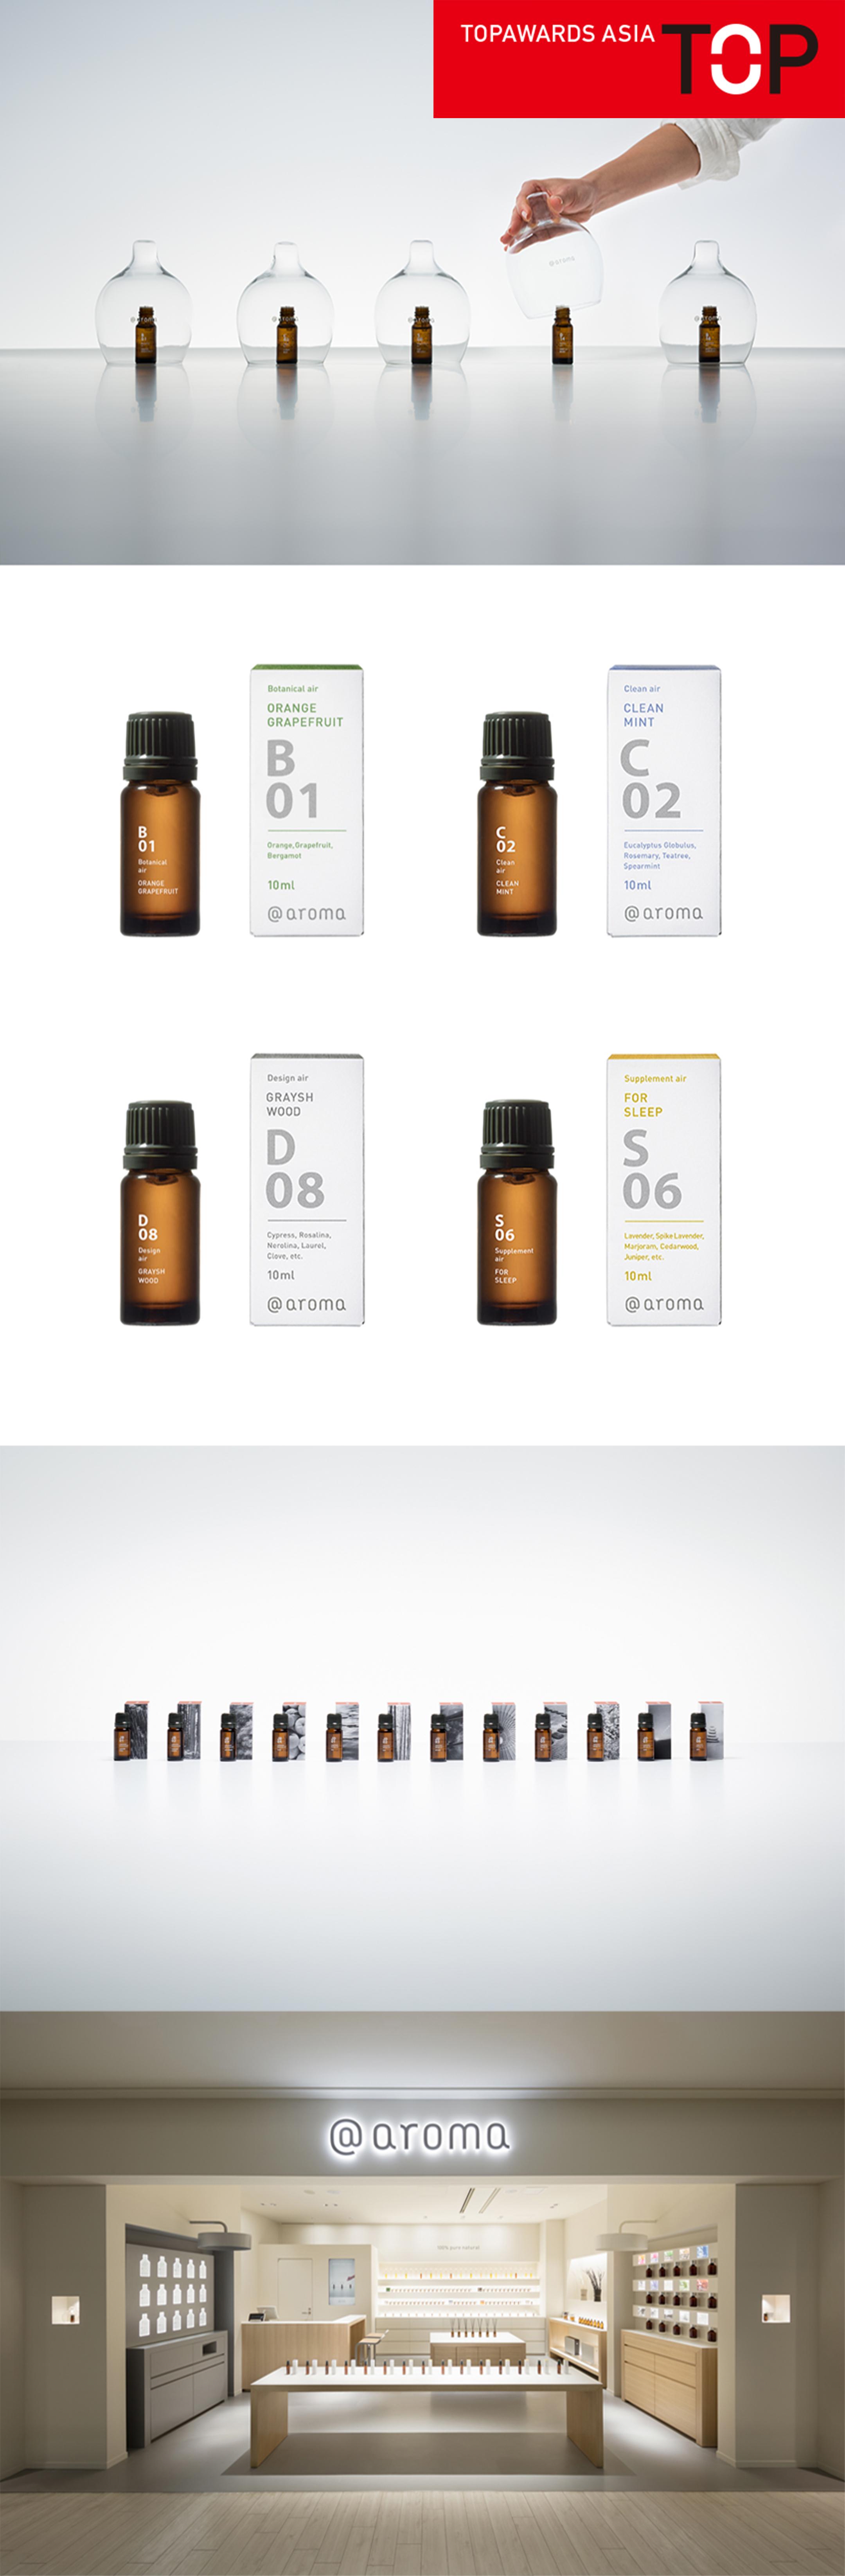 aroma_2.jpg